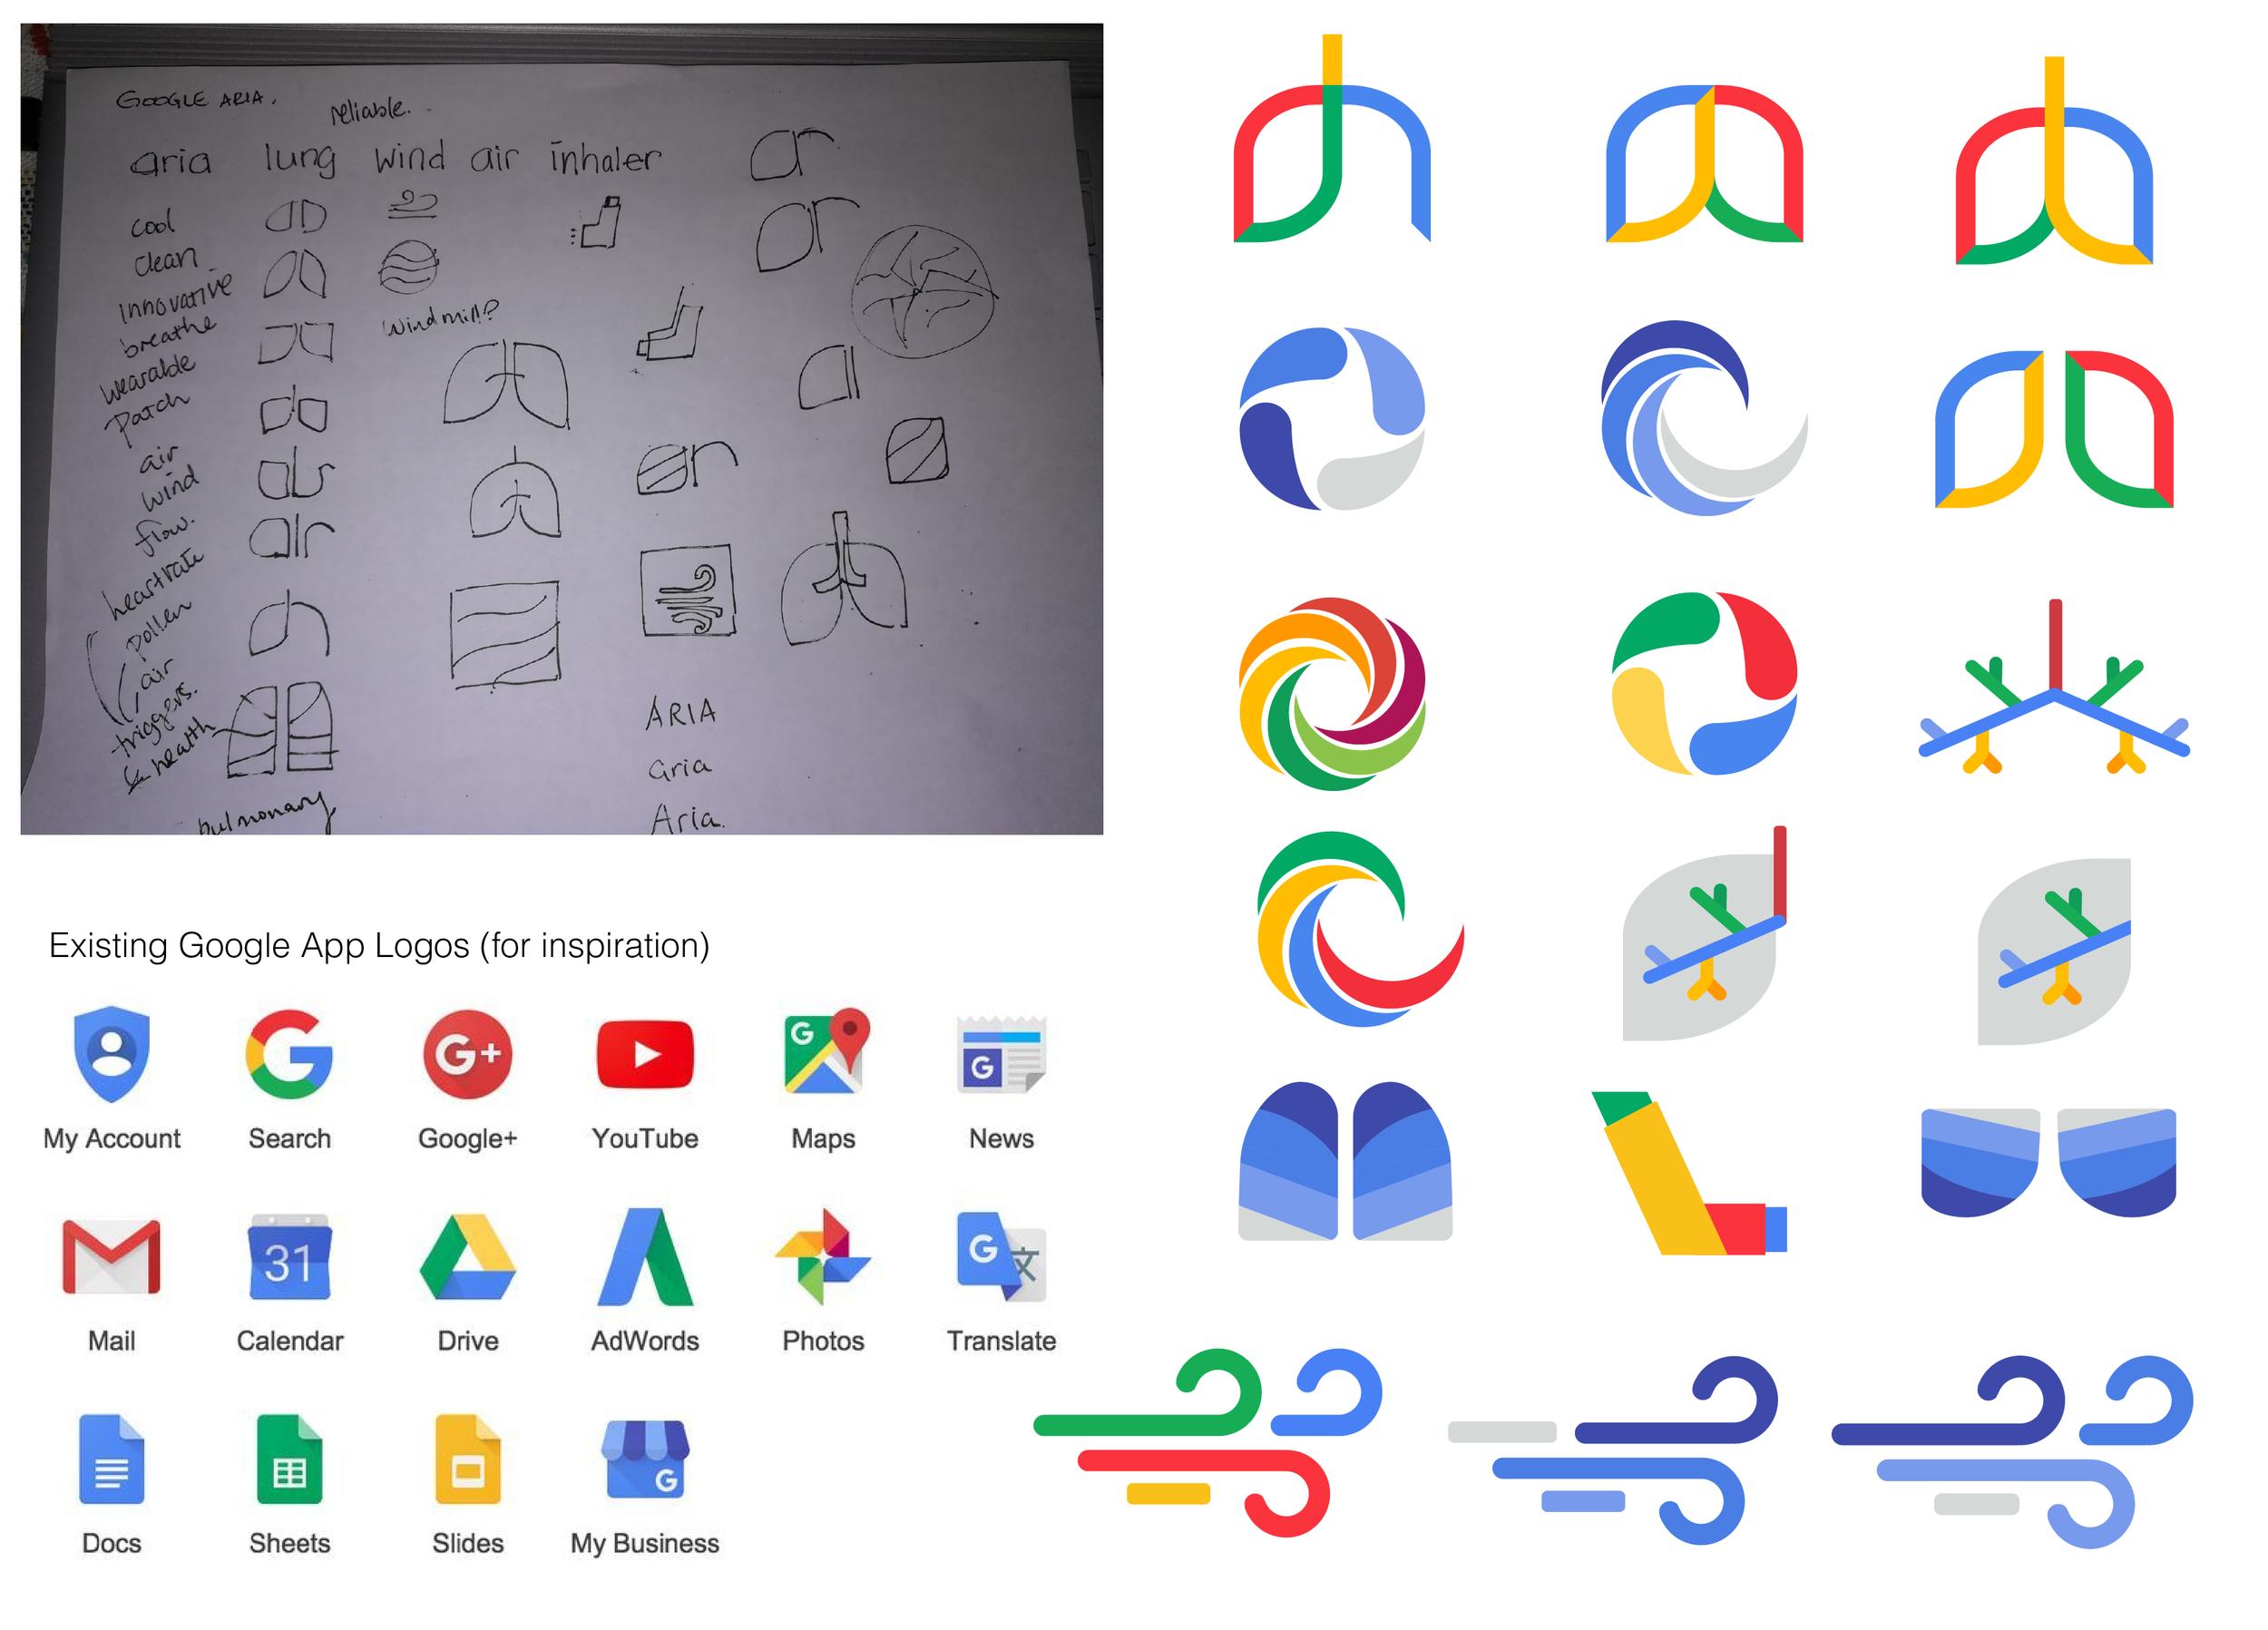 Google Air's Logo